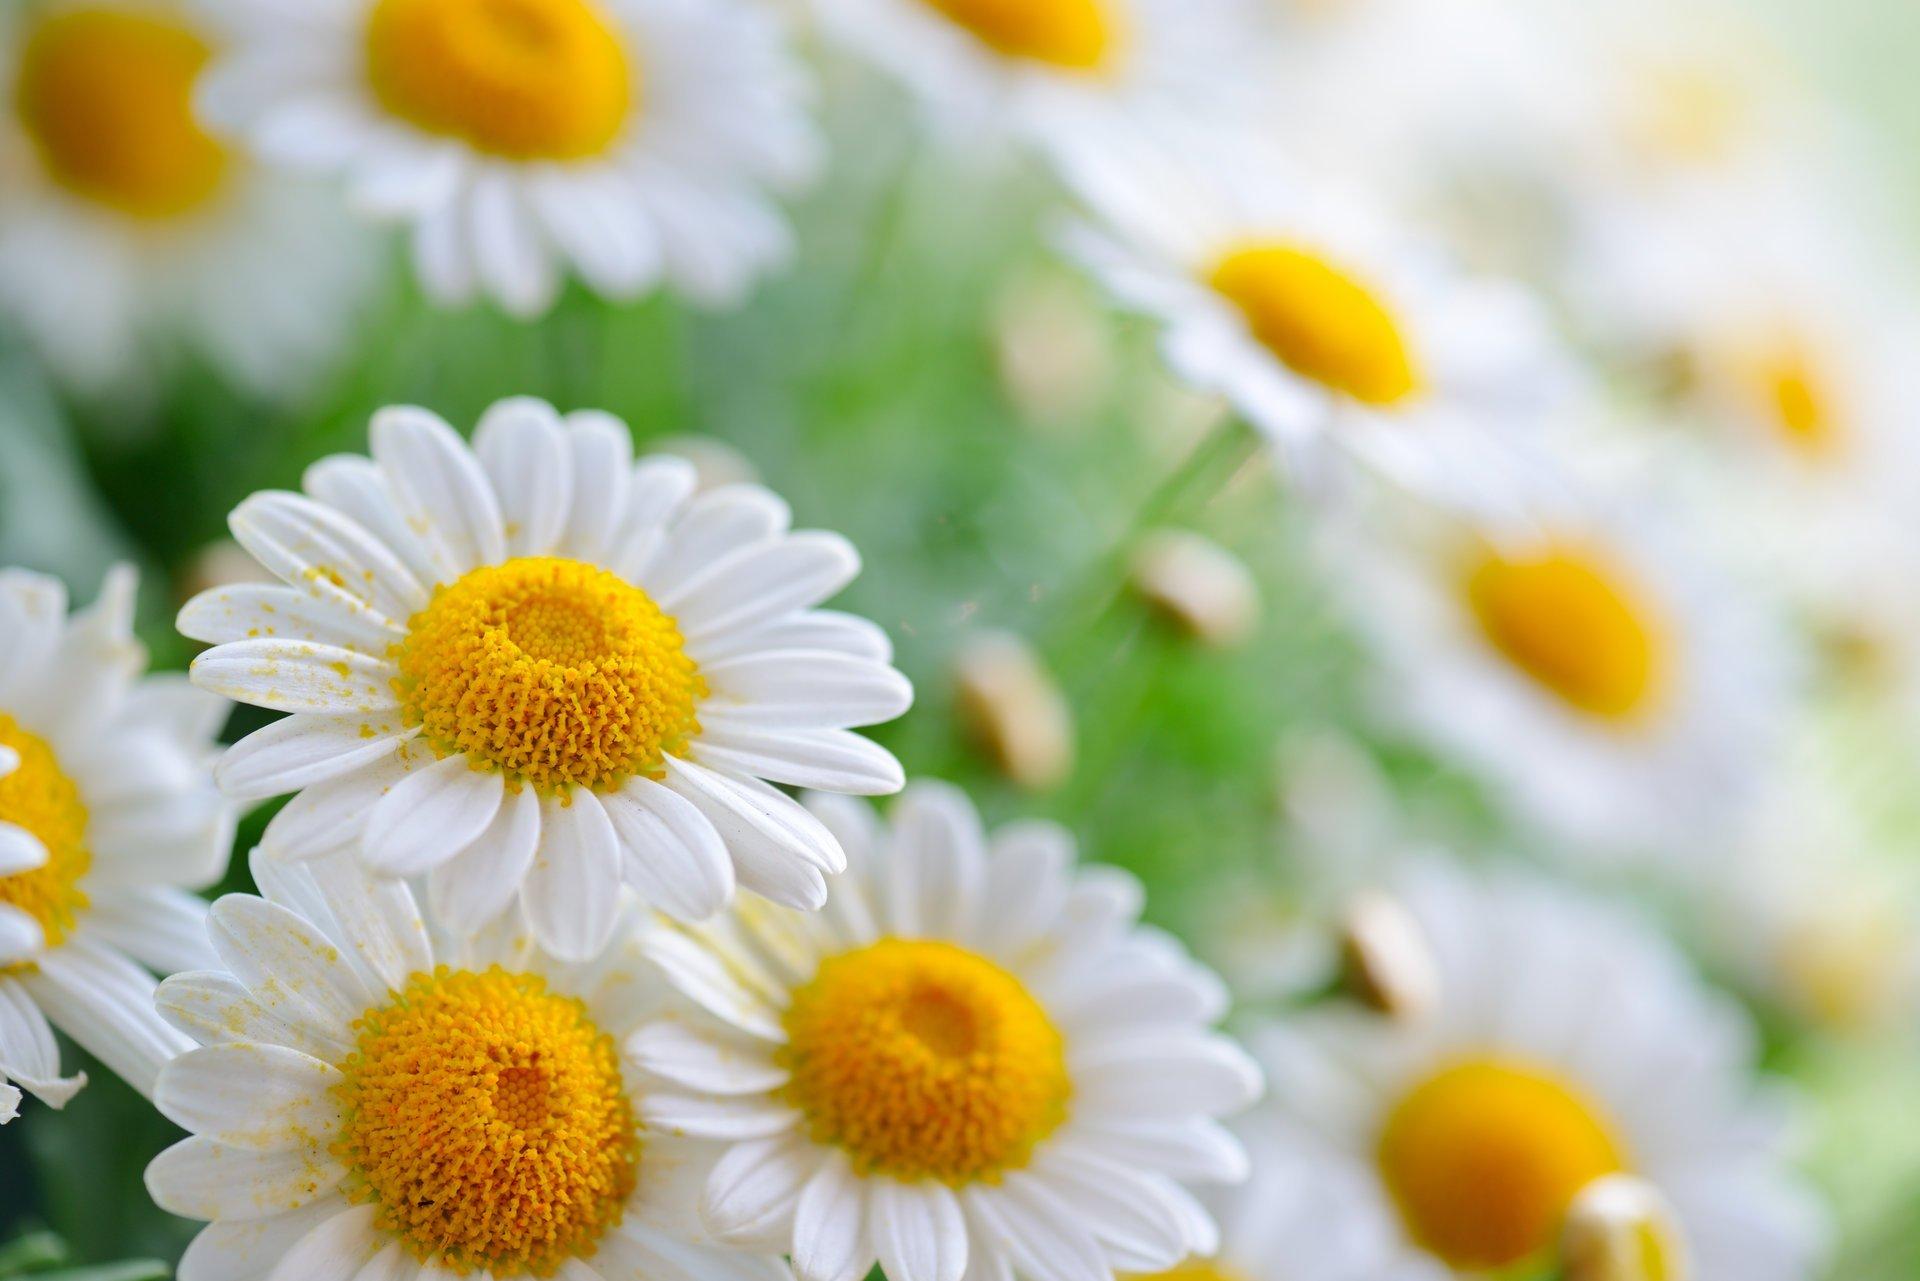 Картинка заставка на компьютер цветы